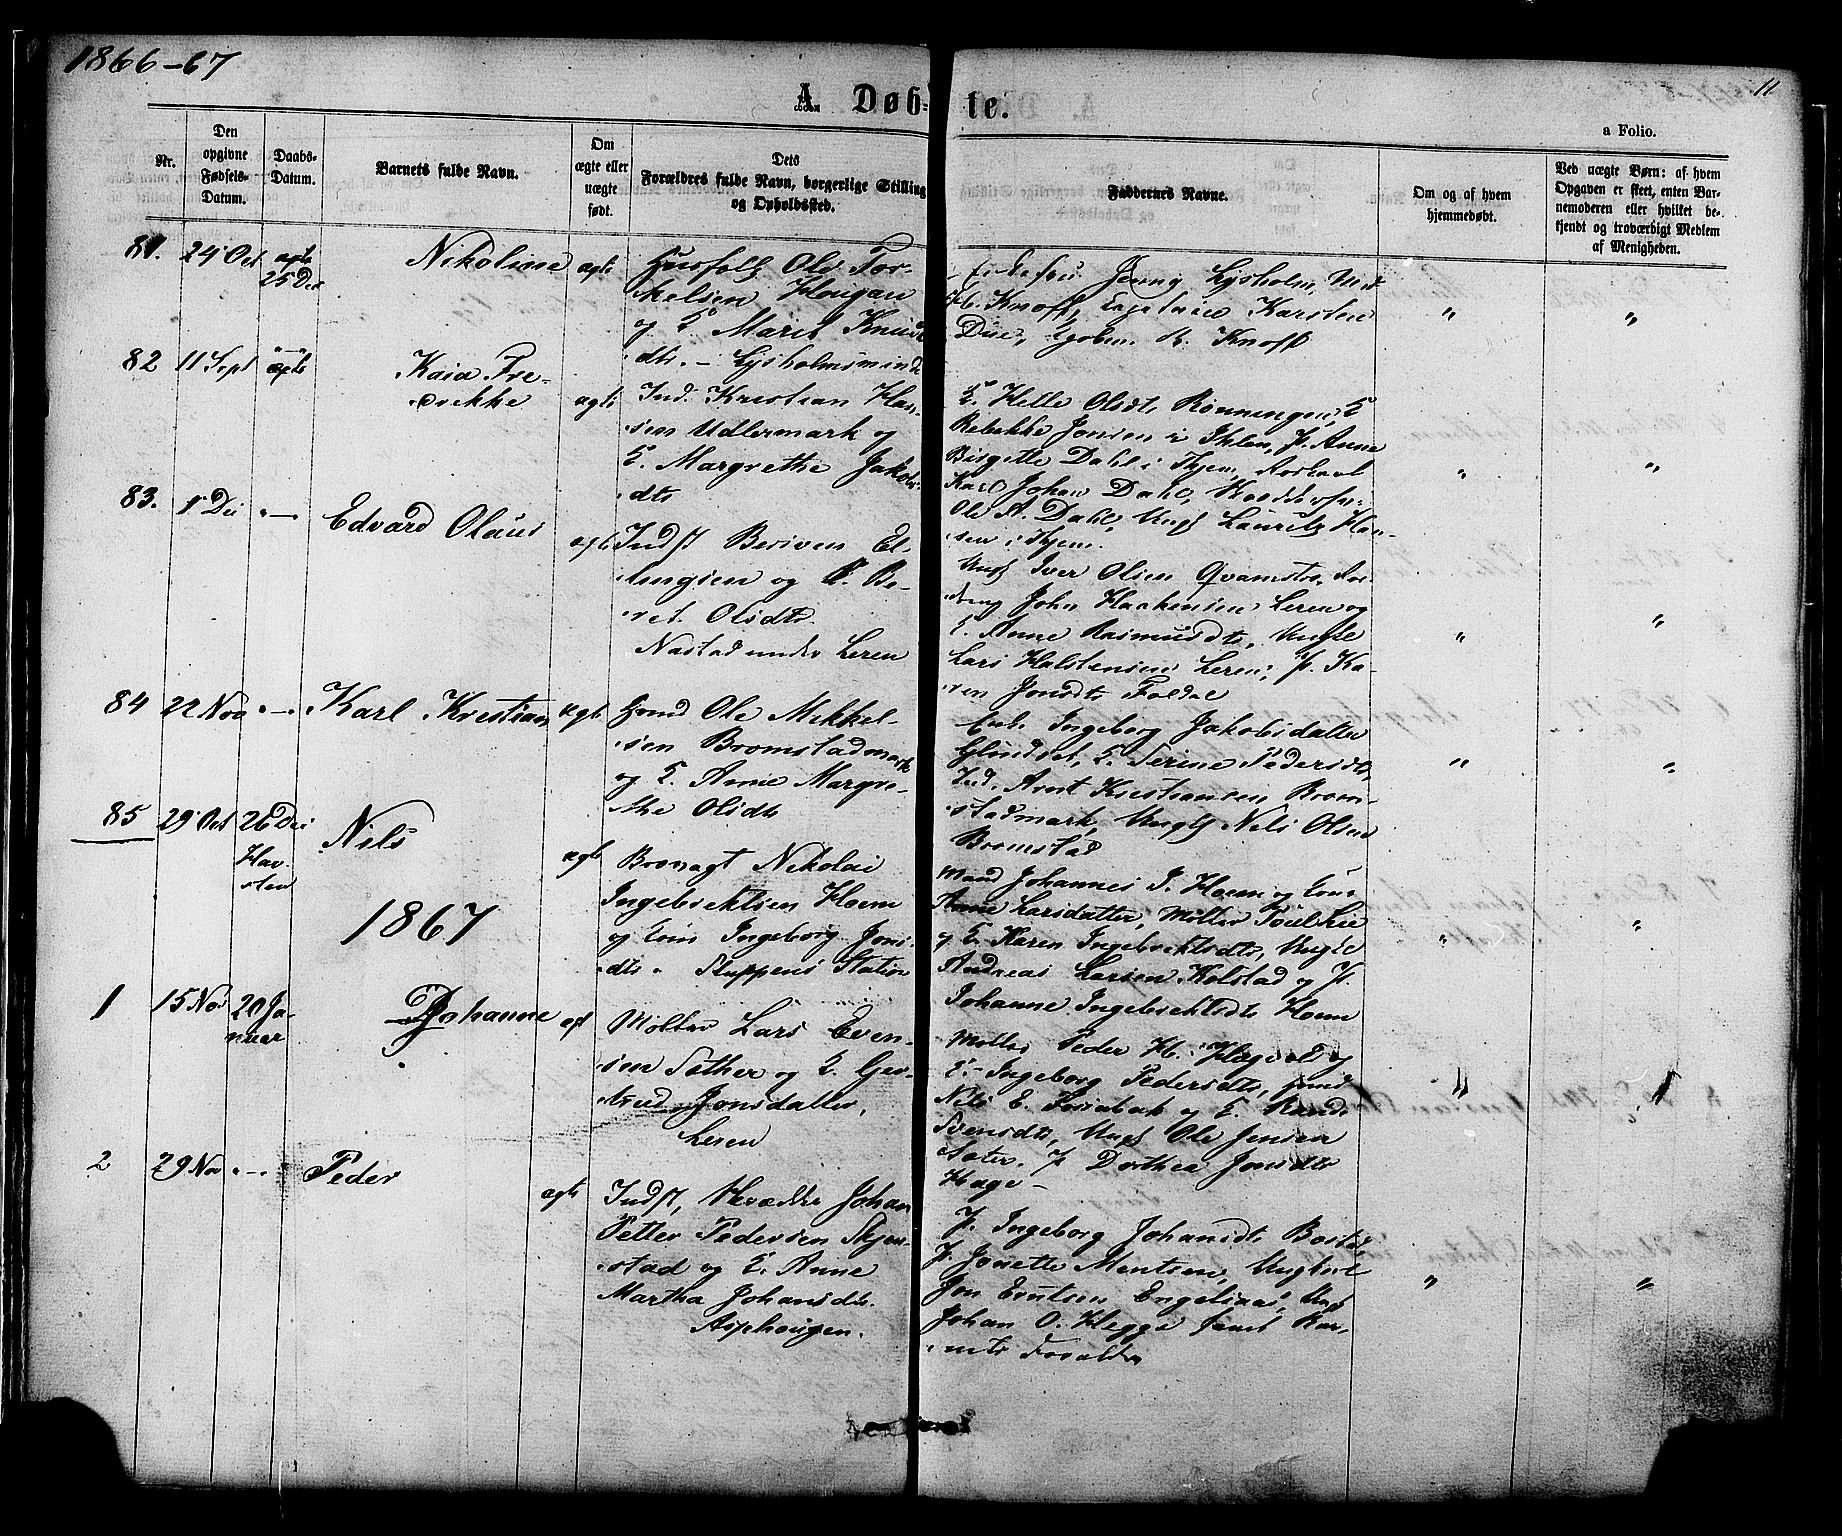 SAT, Ministerialprotokoller, klokkerbøker og fødselsregistre - Sør-Trøndelag, 606/L0293: Ministerialbok nr. 606A08, 1866-1877, s. 11